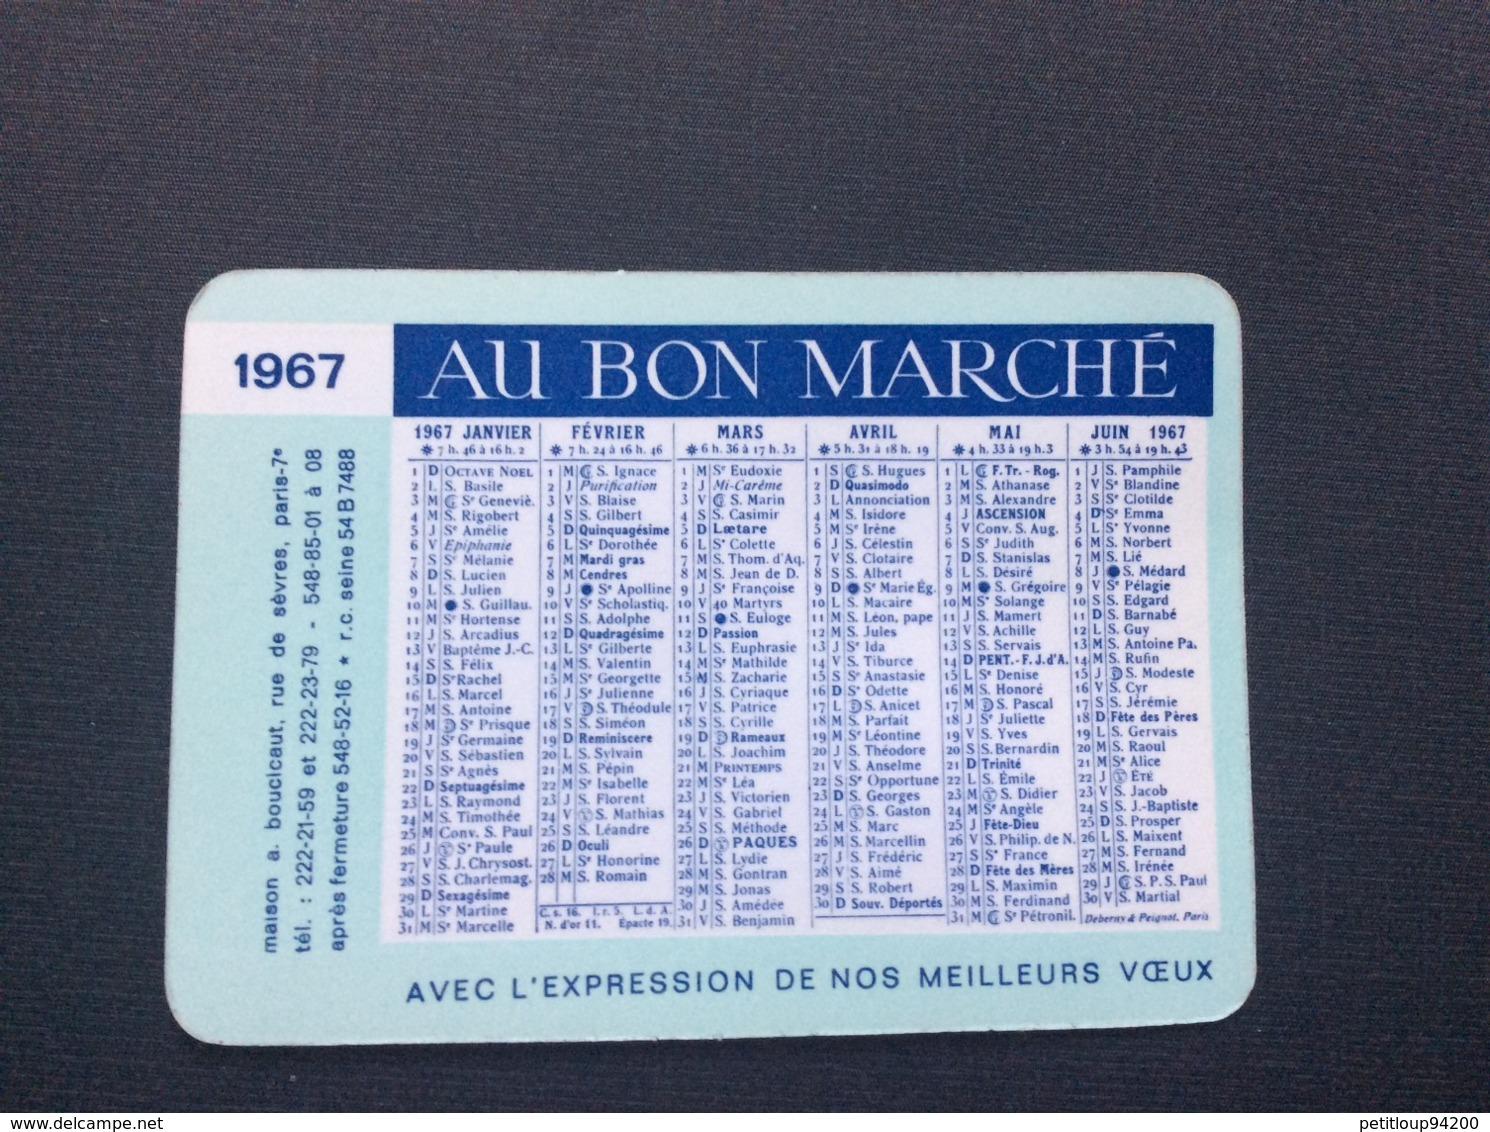 CALENDRIER AU BON MARCHE  Année 1967 - Calendriers